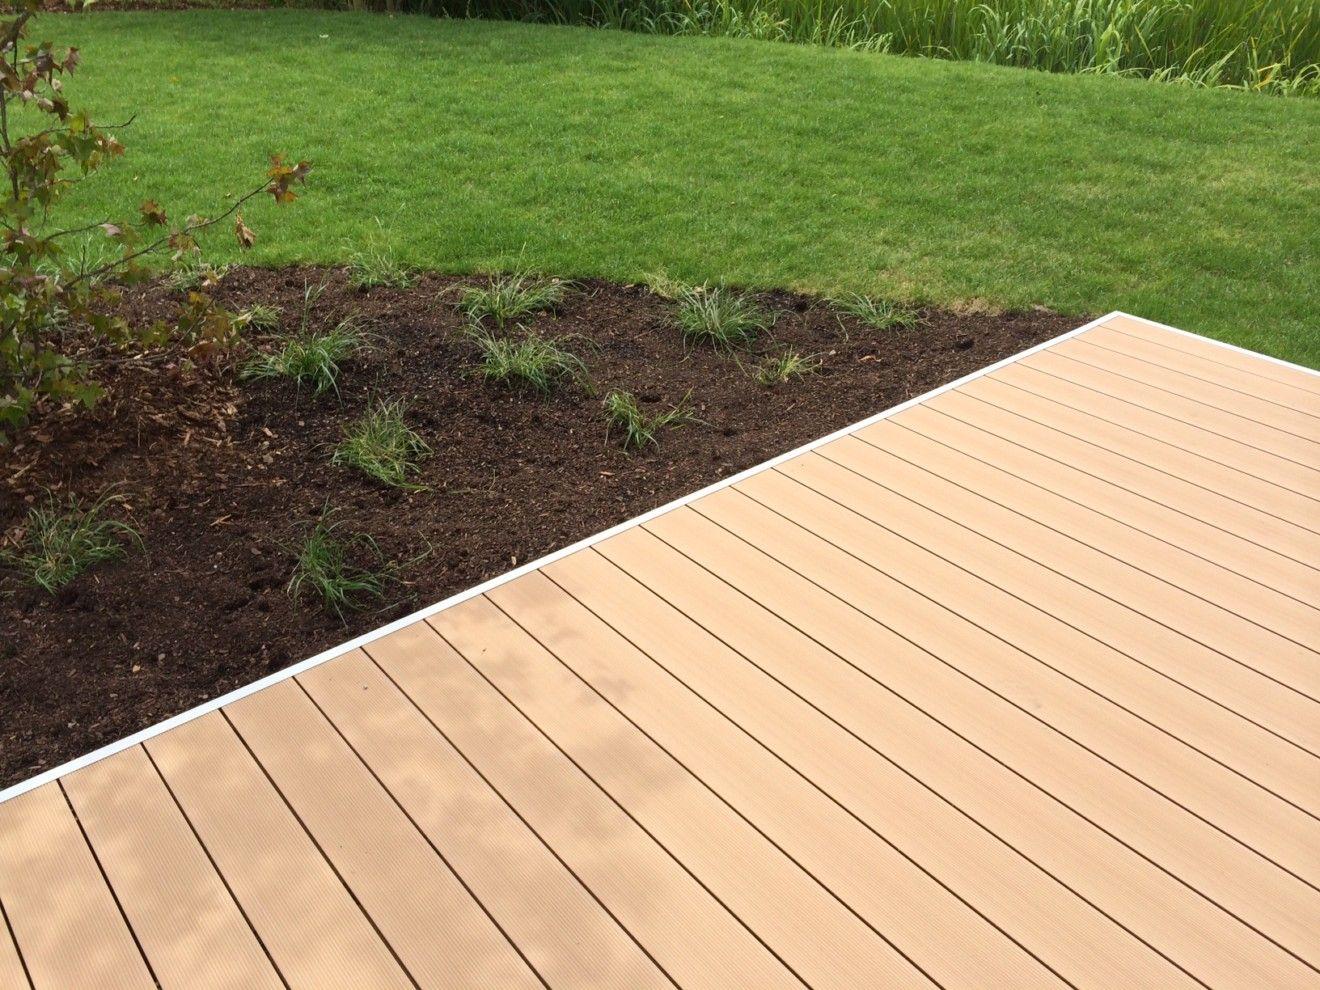 Rasen Begradigen Wie Man Eine Ebene Flache Erhalt Garten Grosser Garten Rasen Erneuern